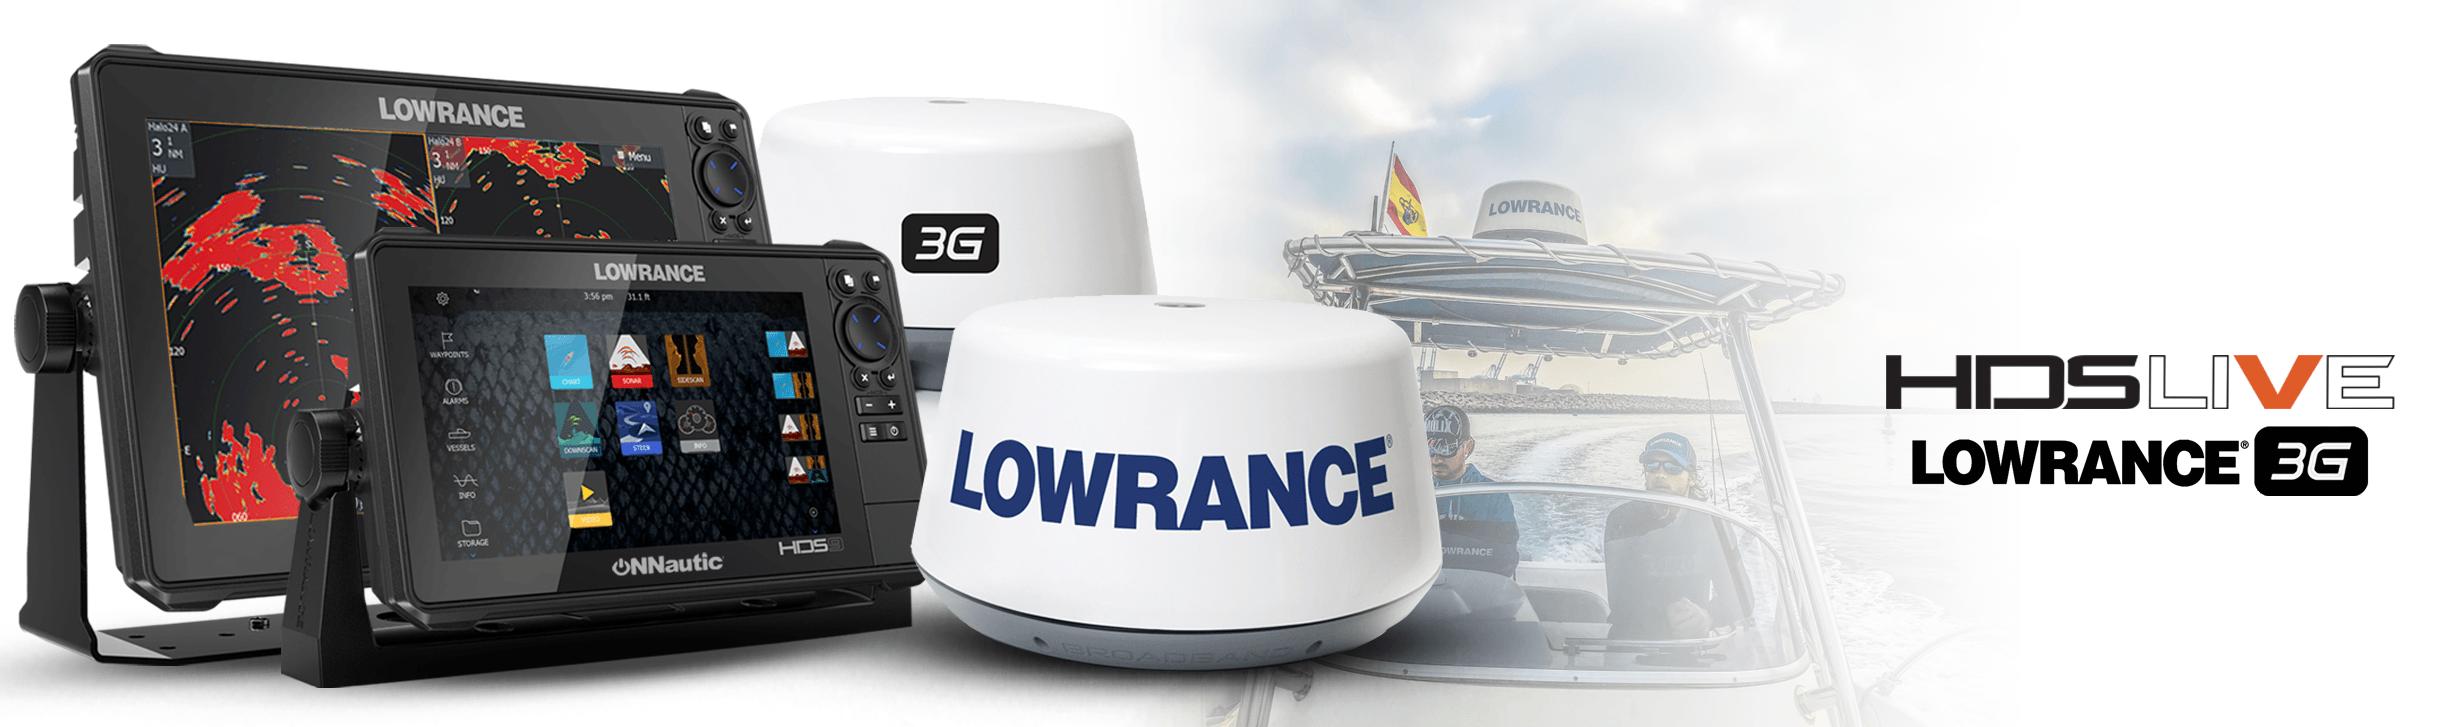 Pack HDS Live y Radar 3G